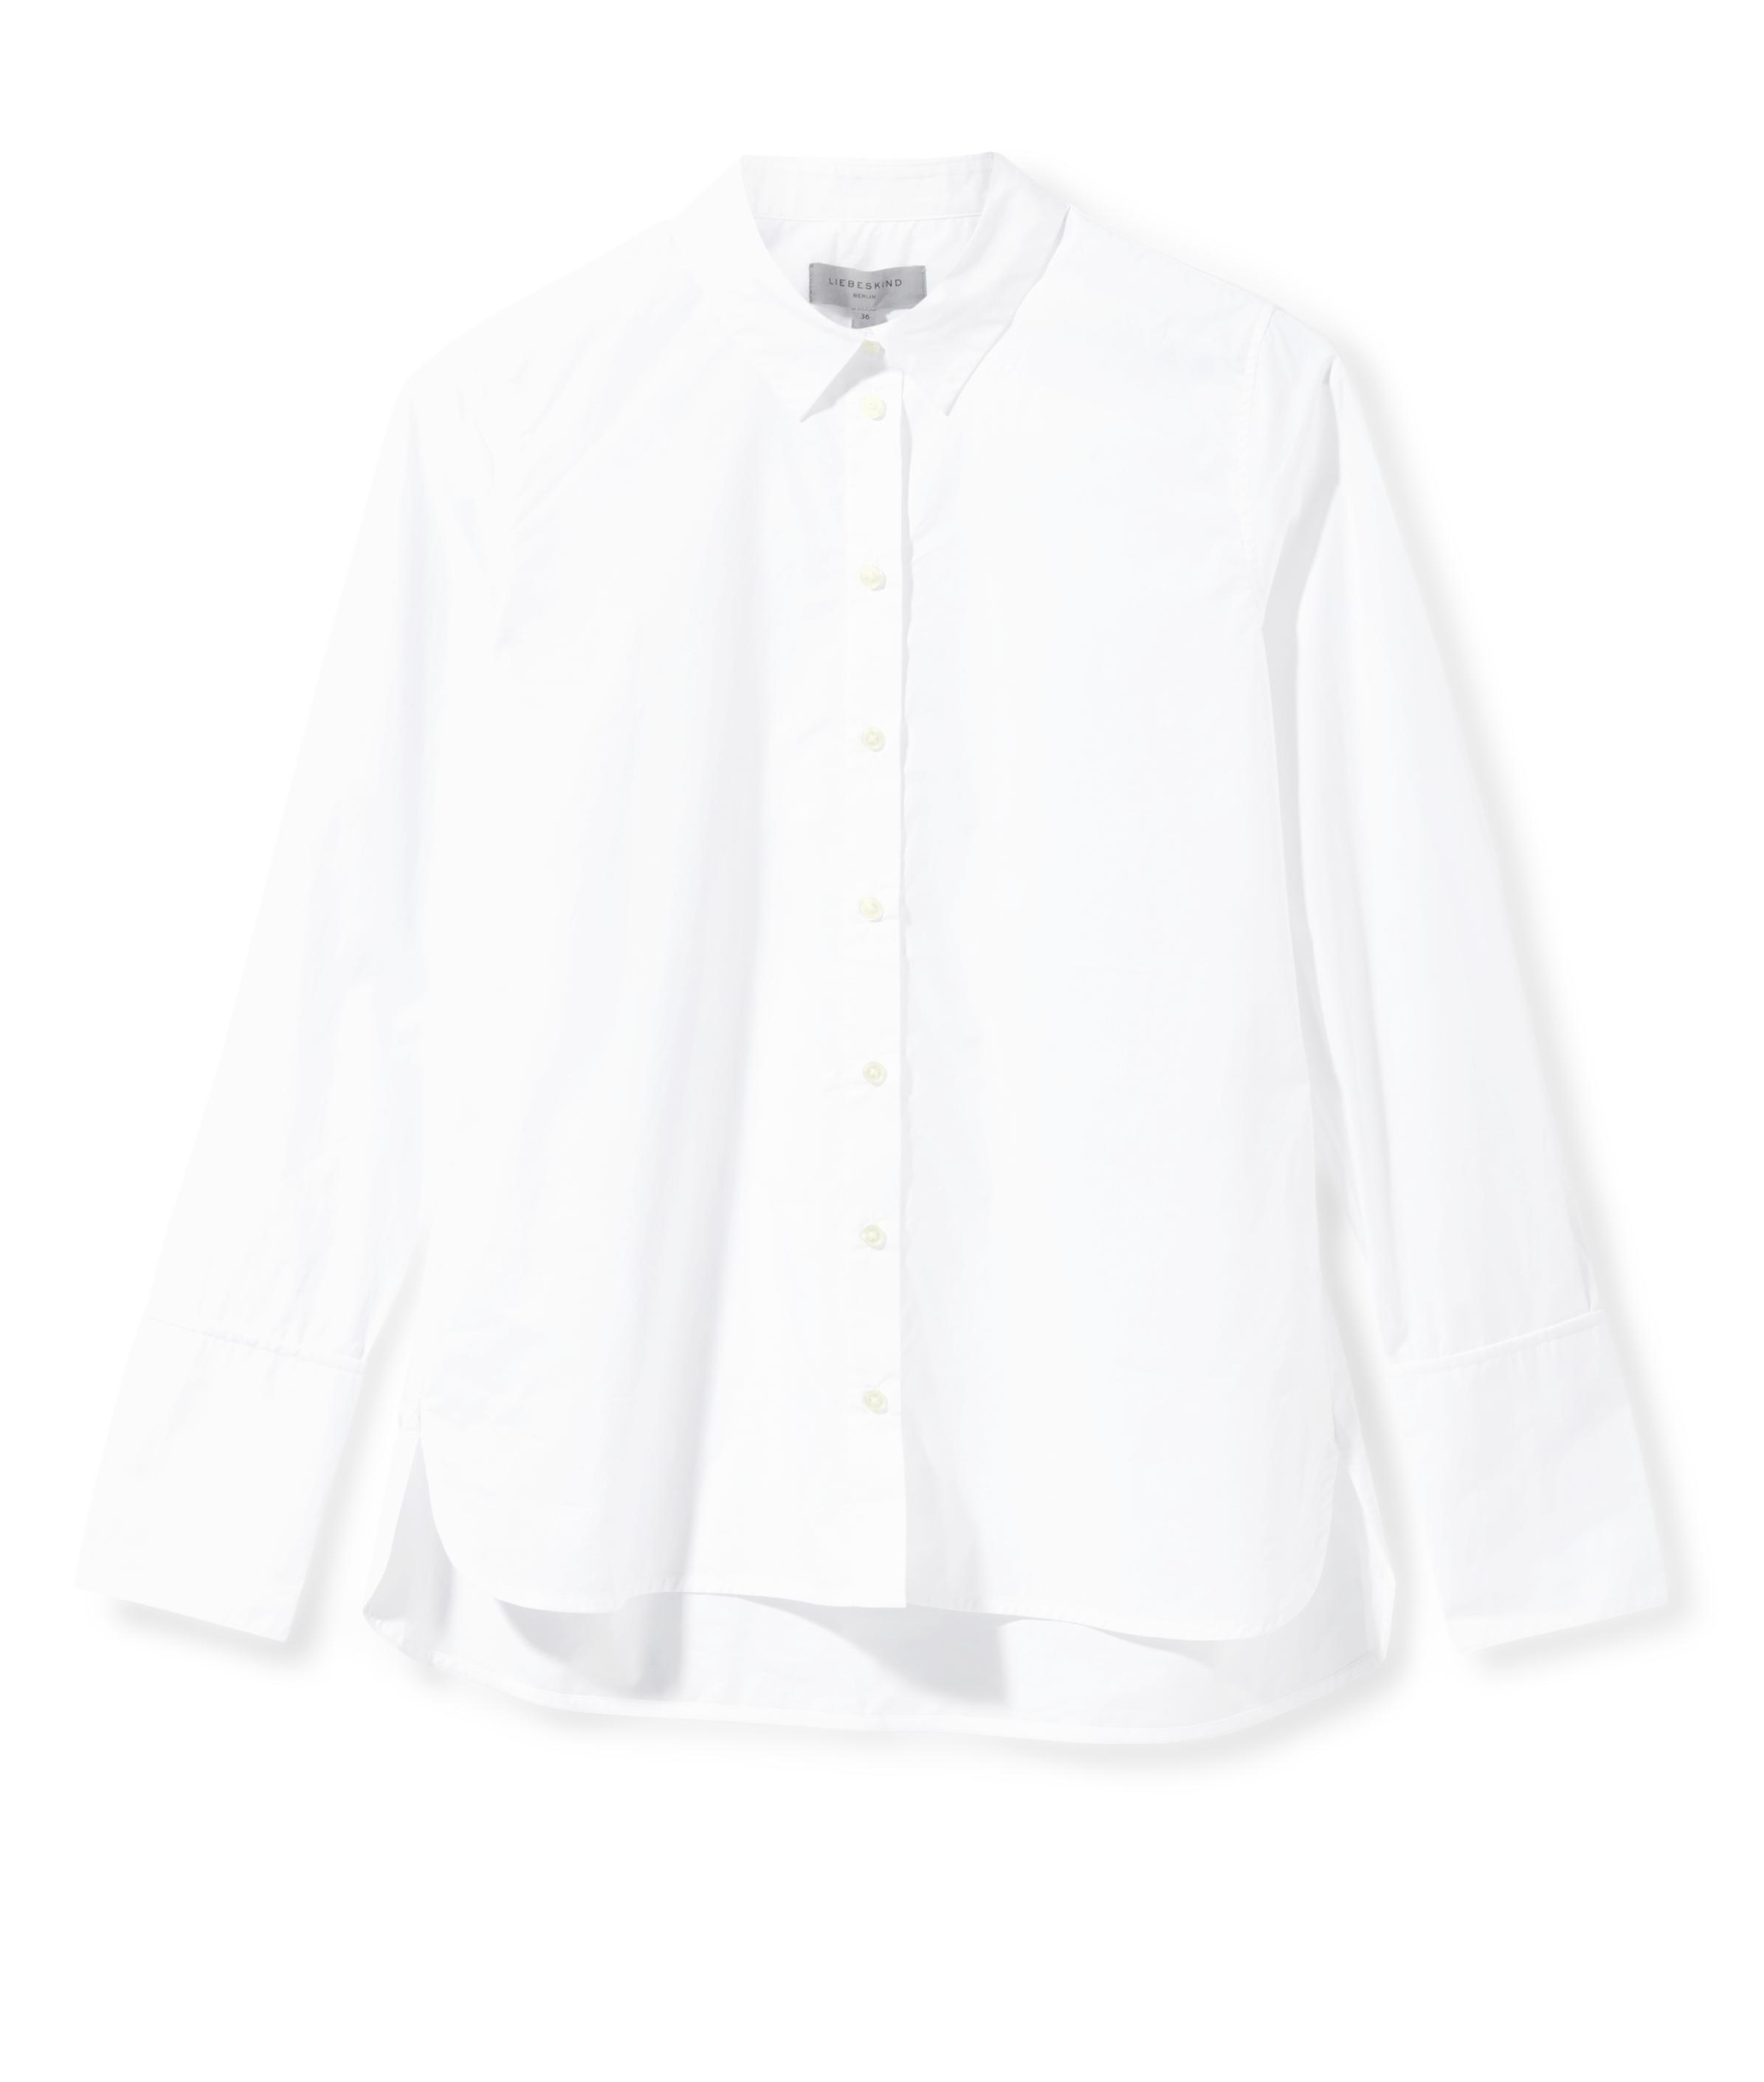 liebeskind berlin - Hemdbluse mit Manschetten, Weiß, Größe 34